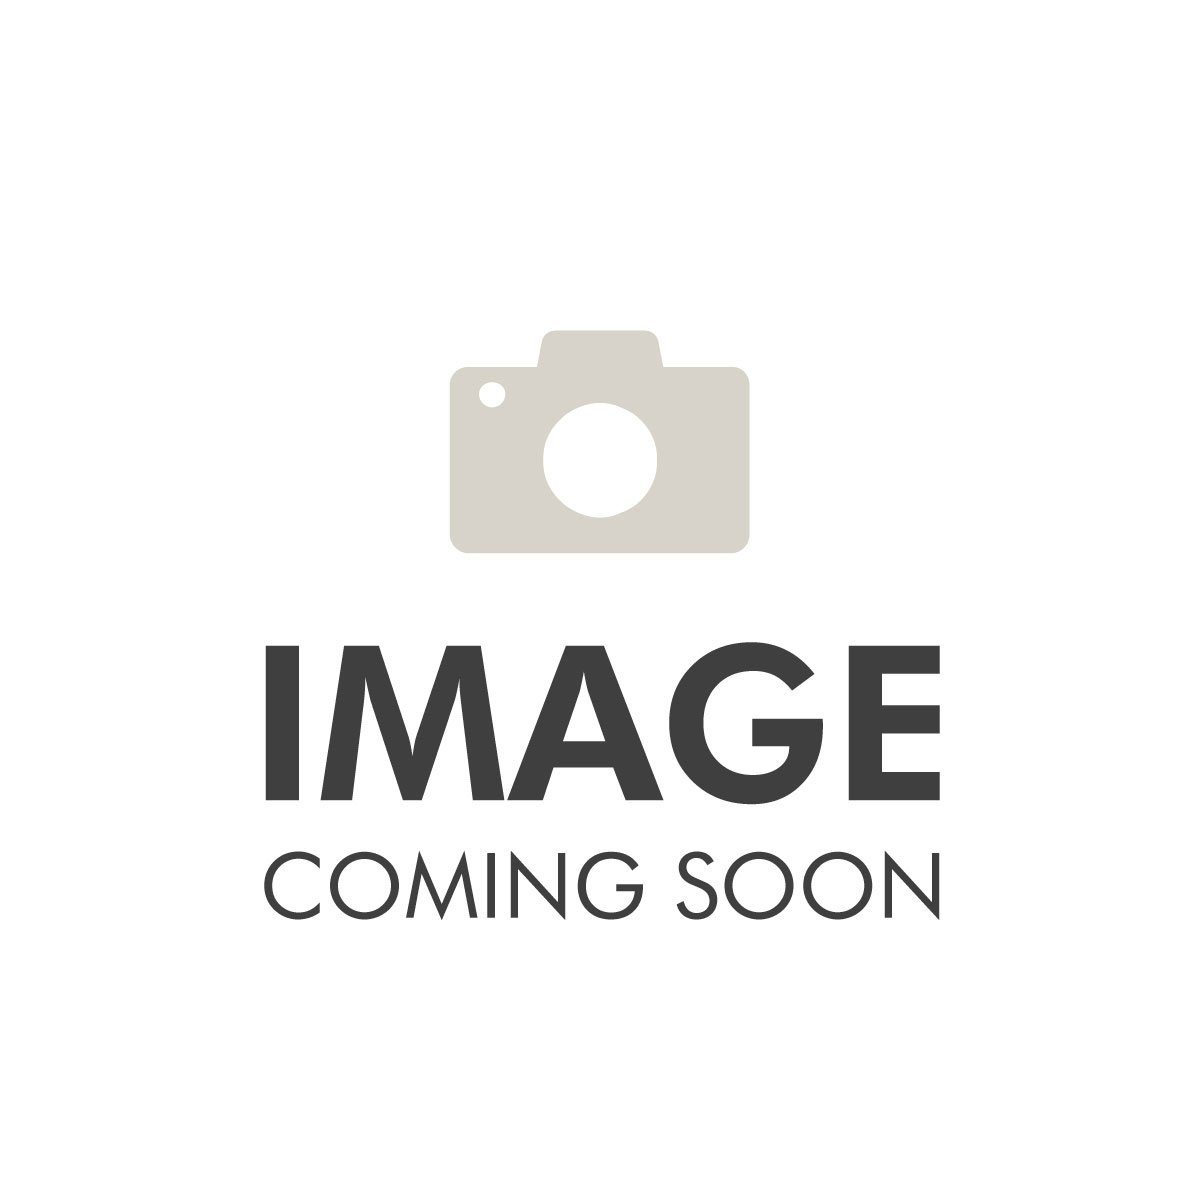 PBT - Pommeau de fleuret - Standard